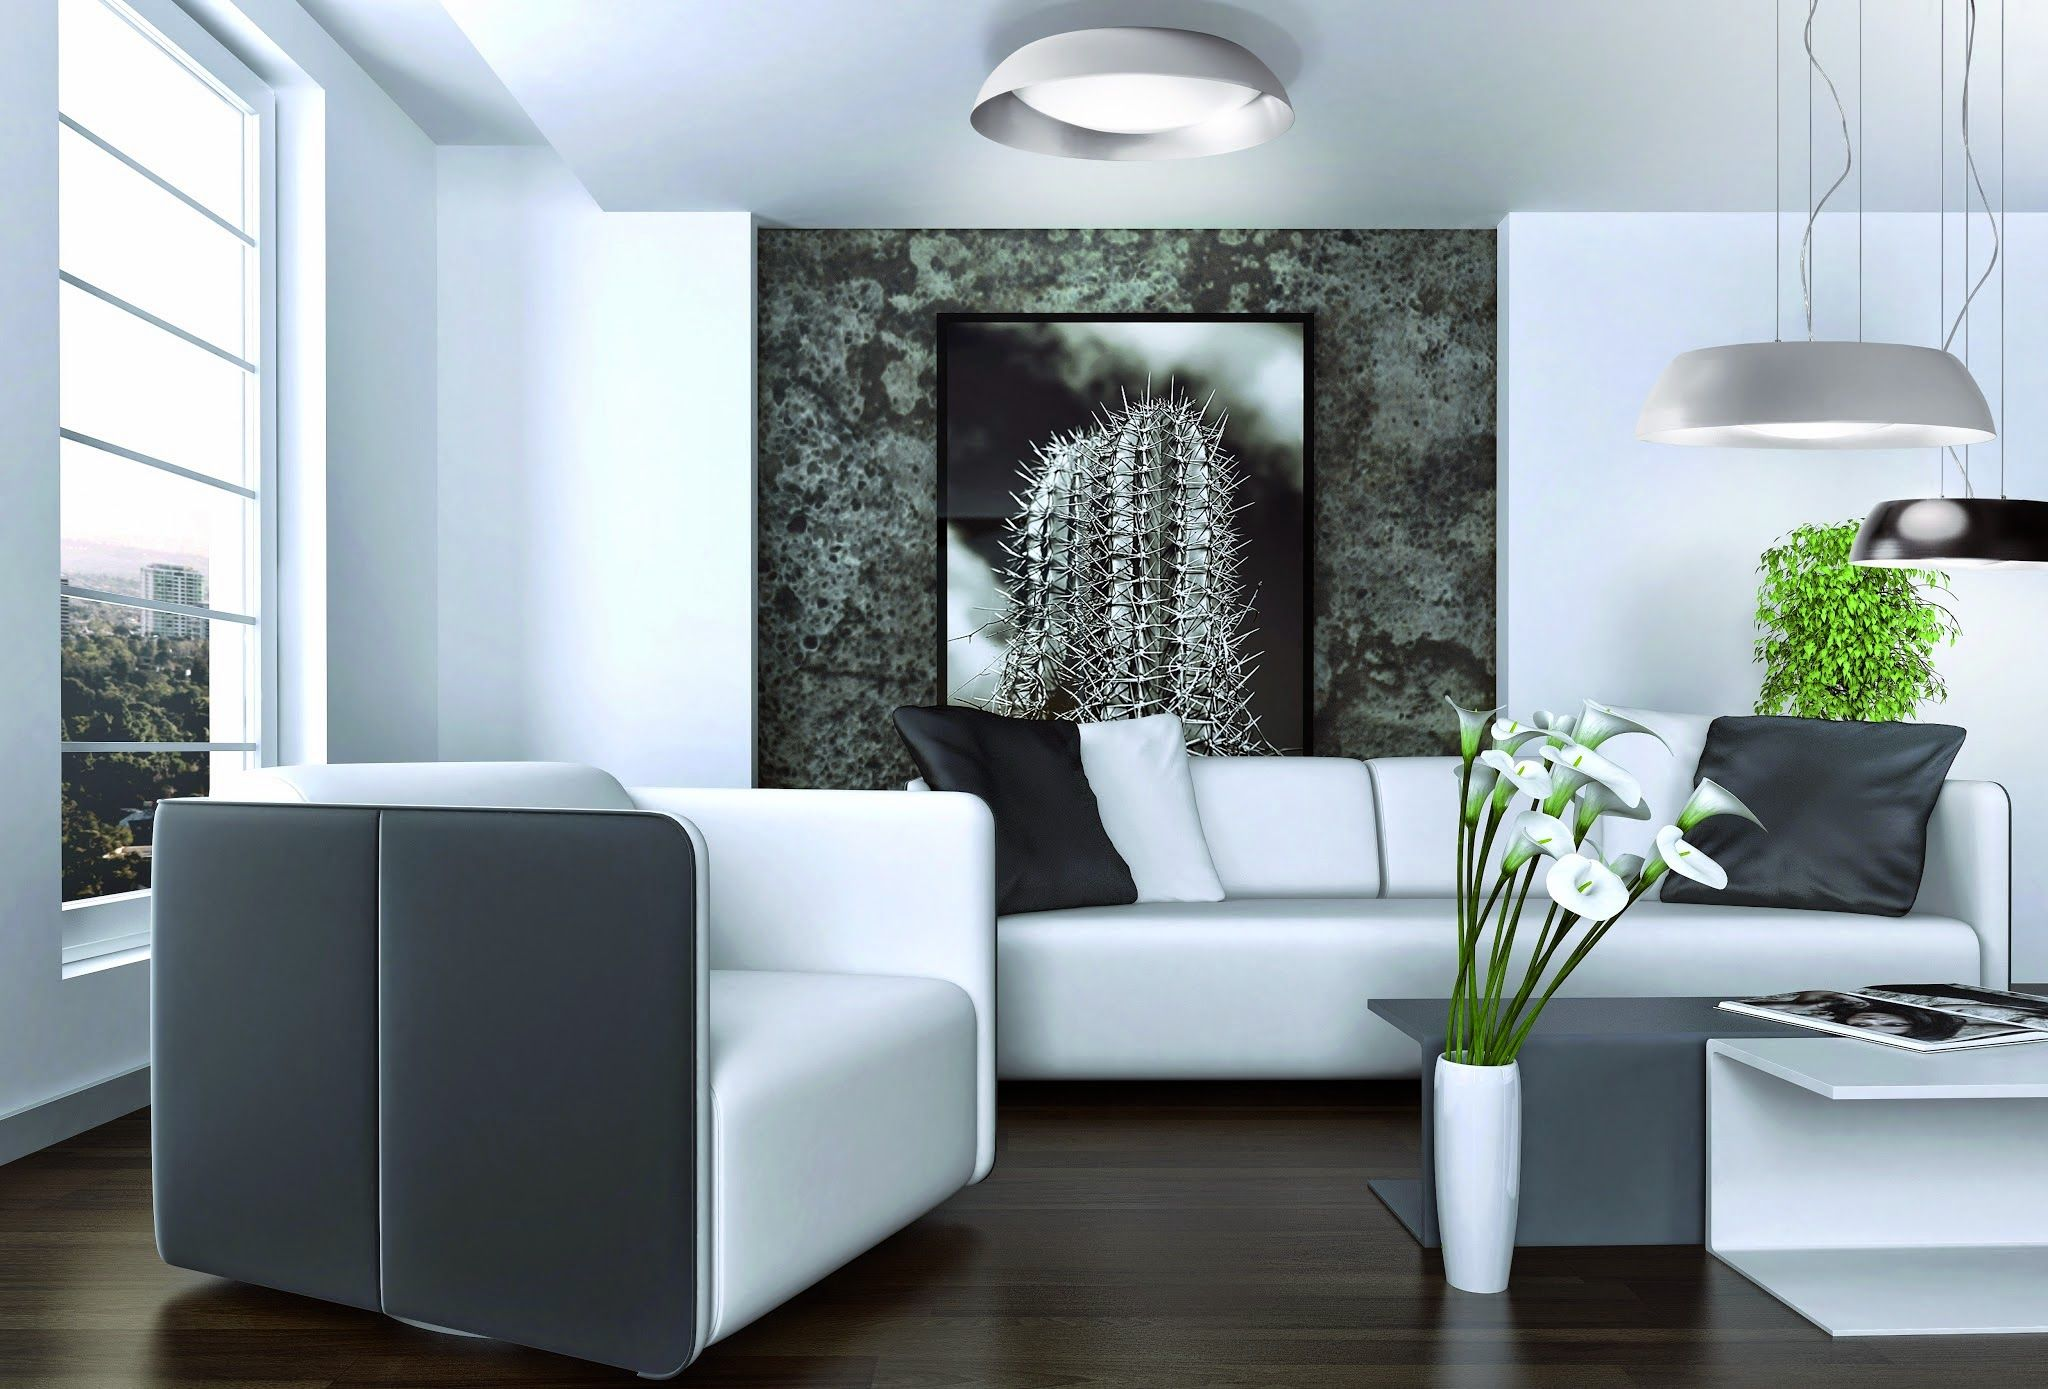 En primicia novedades de mantra iluminaci n colecciones - Plafones para salon ...